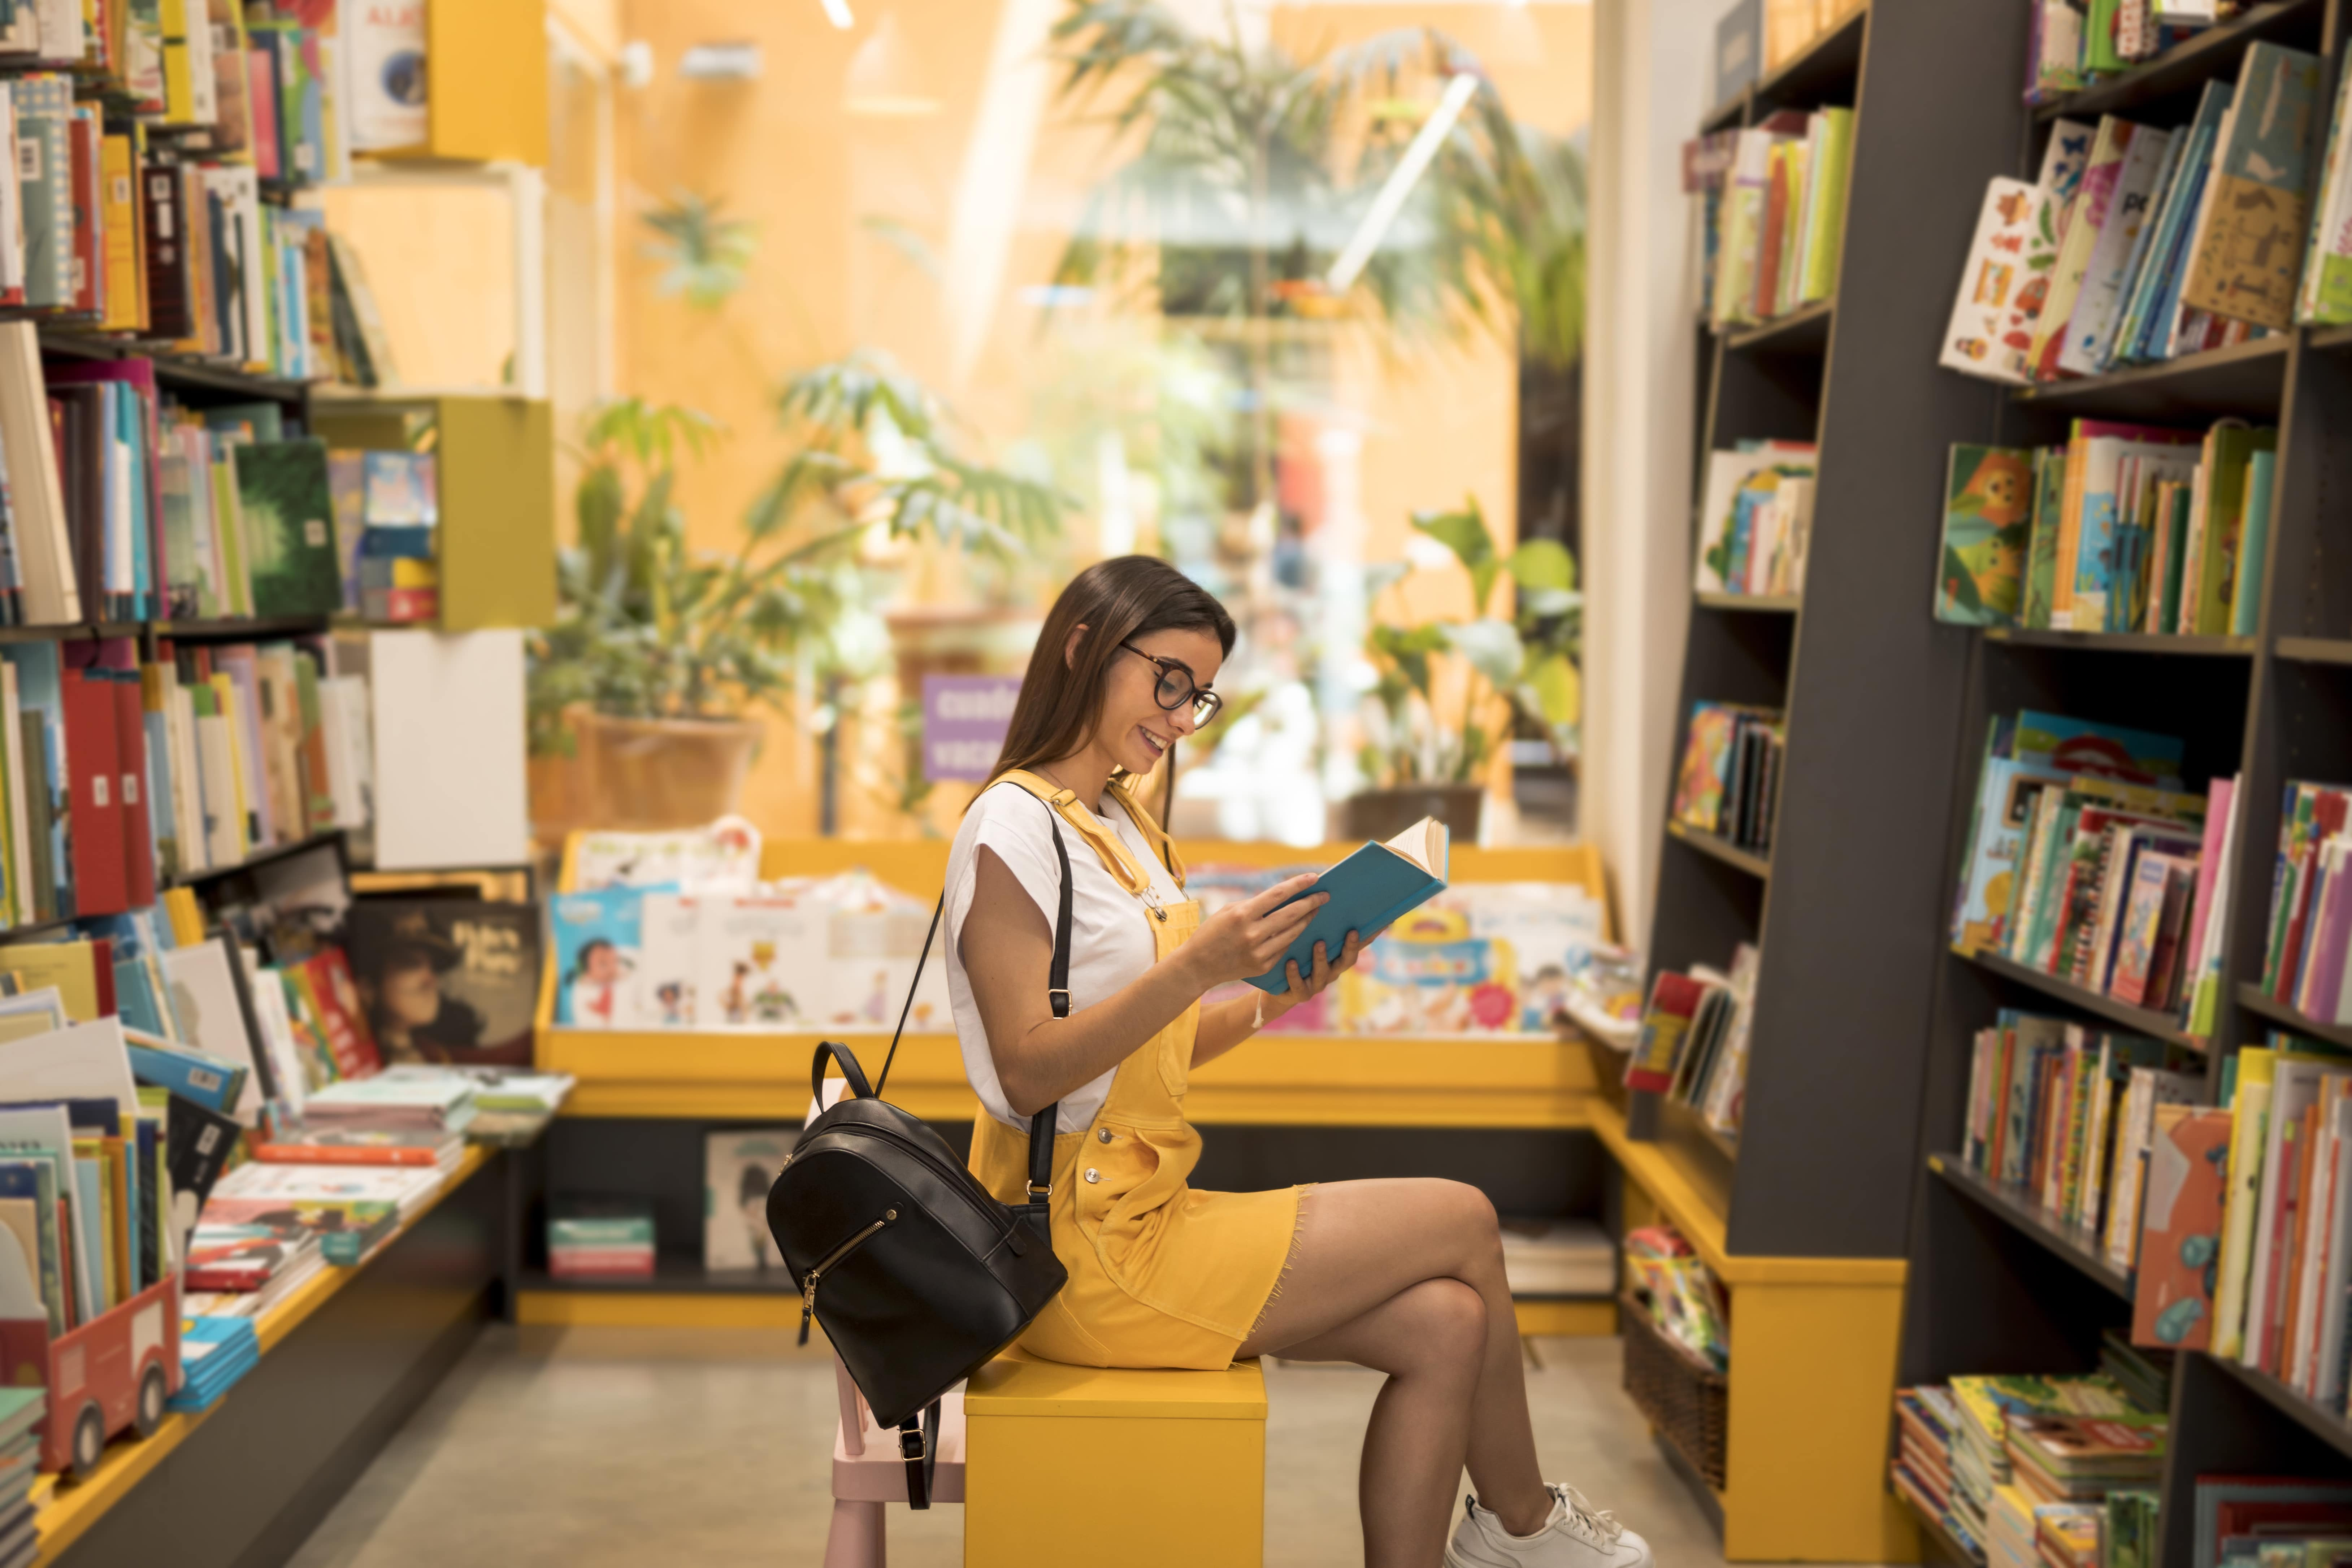 Tecnologia e varejo: abertura de novas lojas